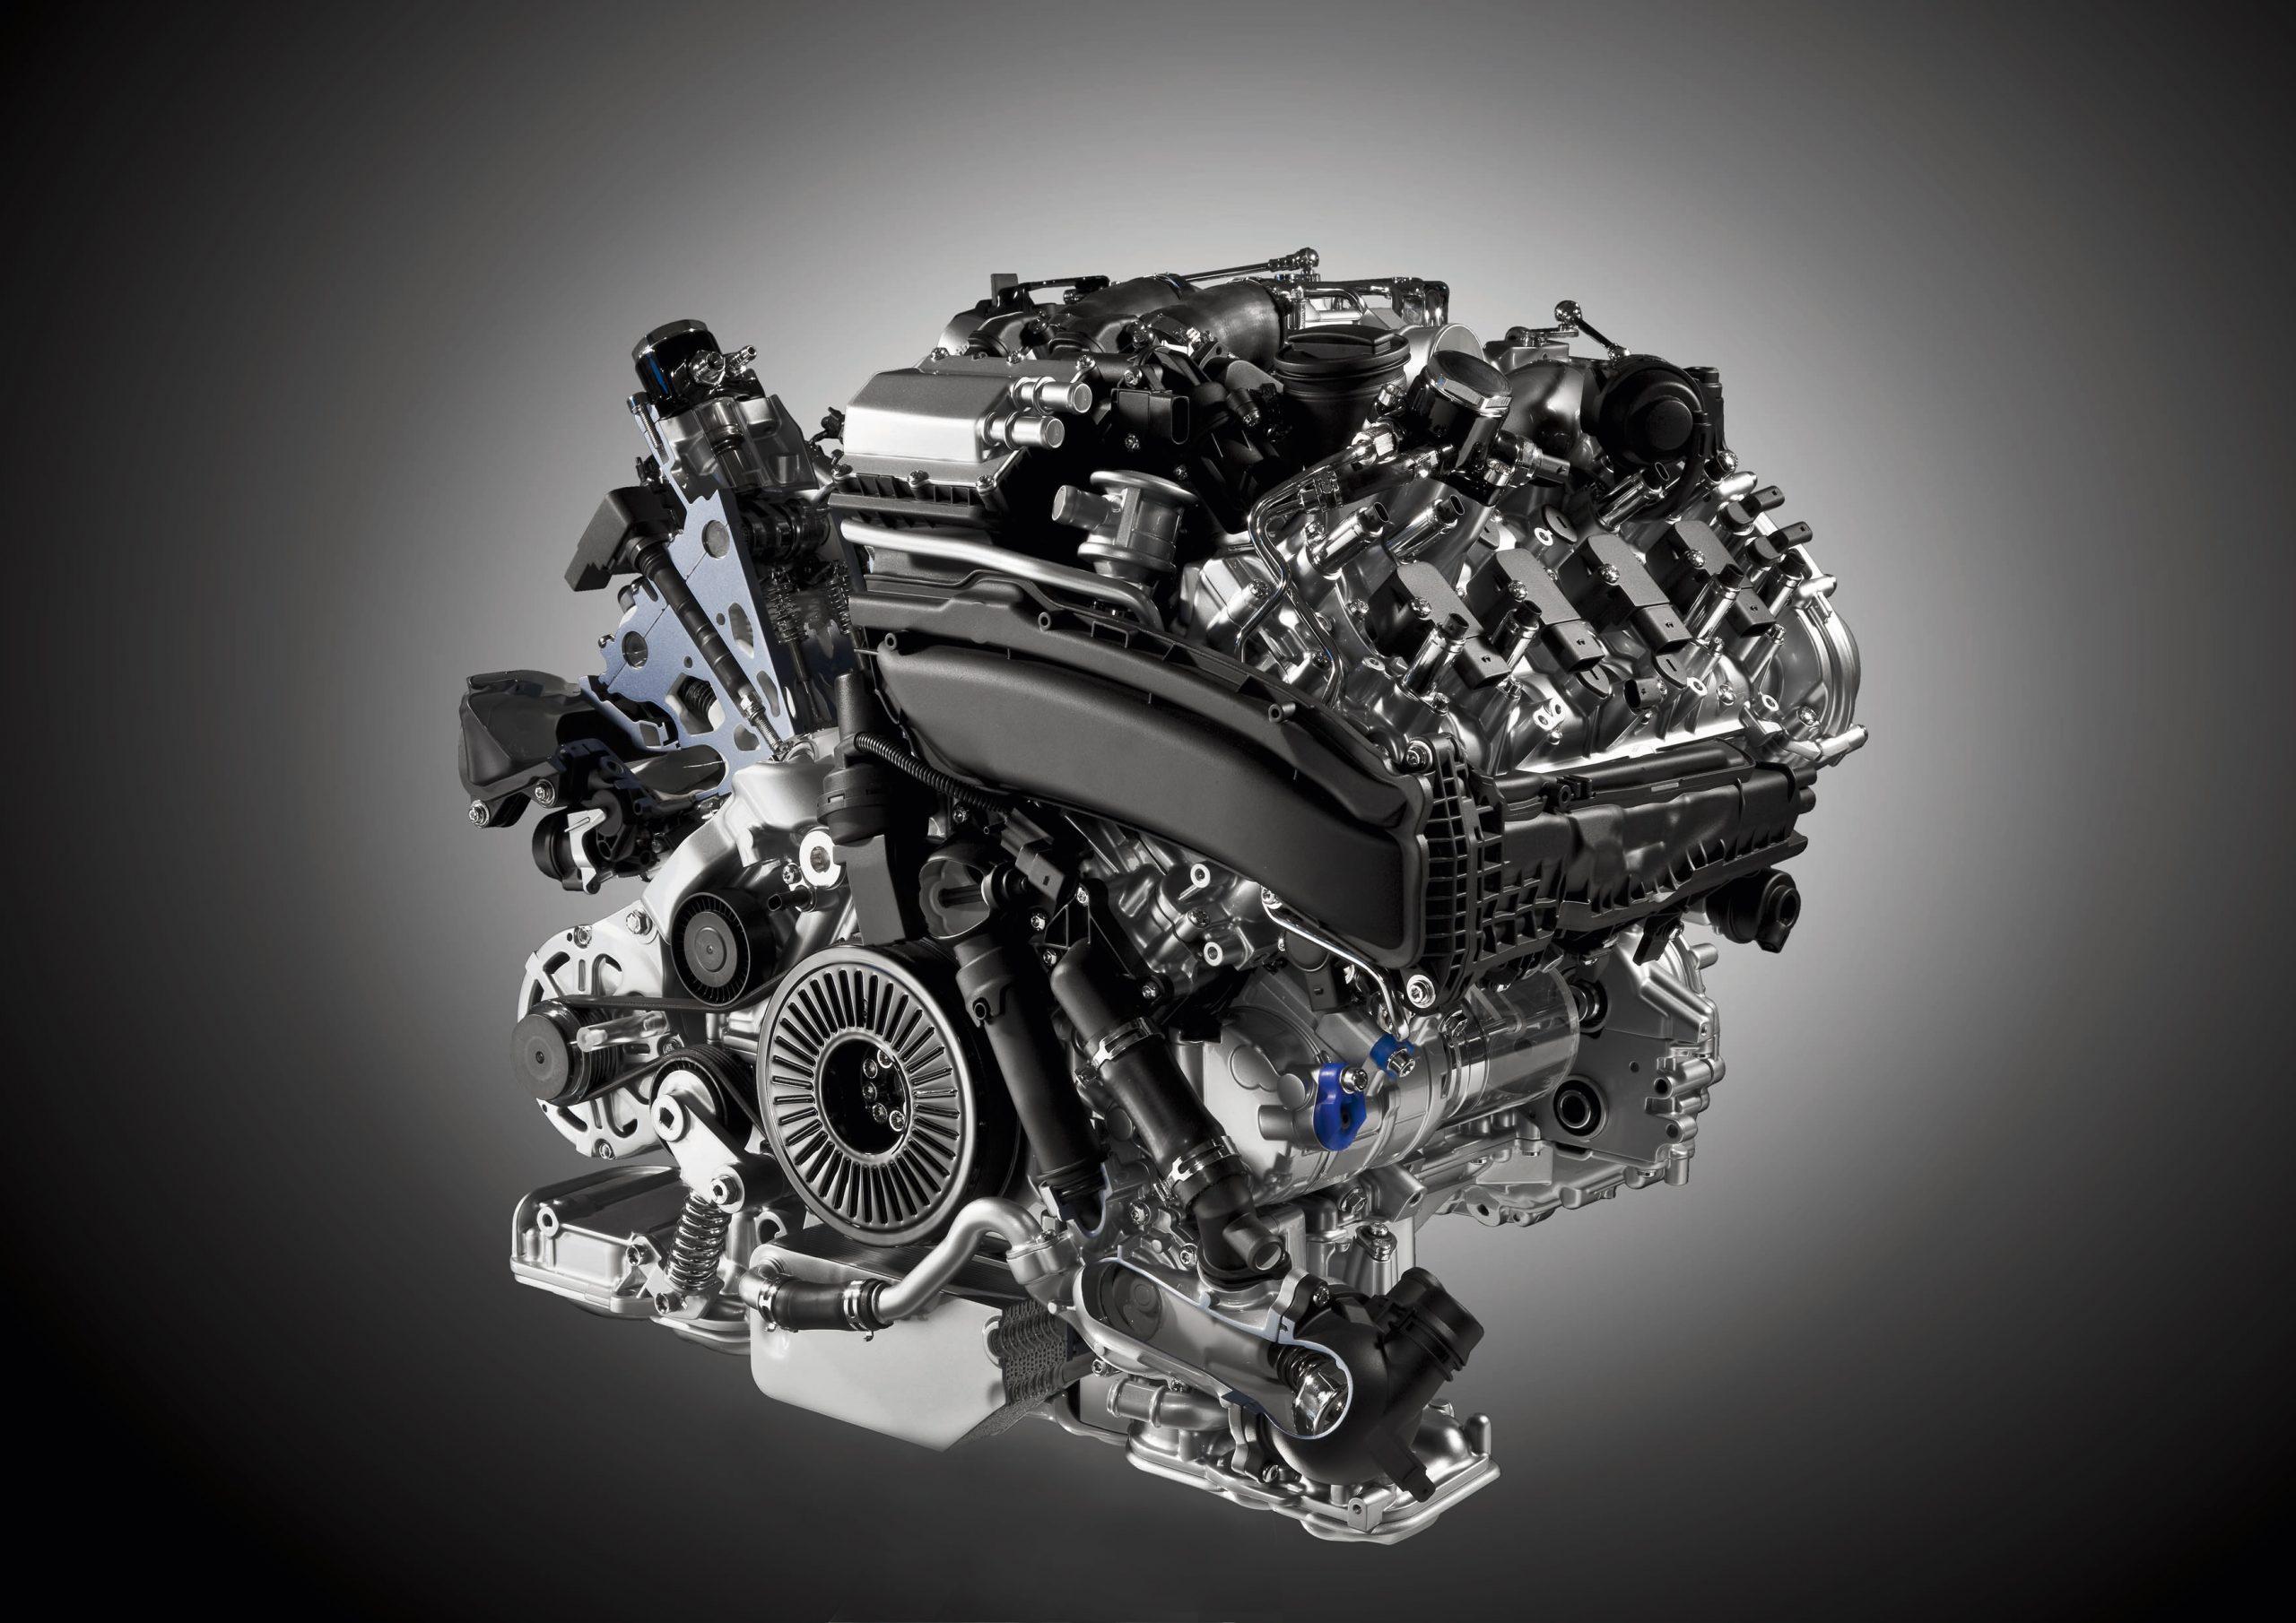 Xe sử dụng động cơ Diesel- động cơ tiêu chuẩn tiên tiến hàng đầu của Nhật Bản.